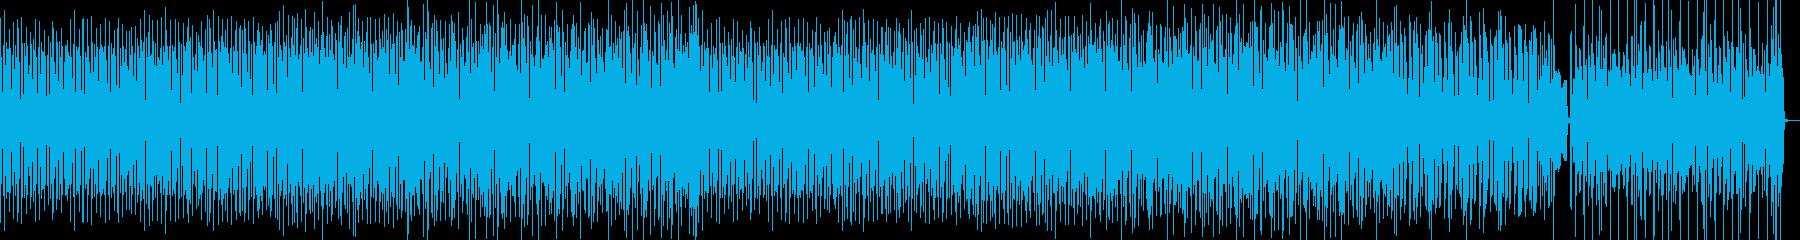 キュートでハッピーなトークになる音楽の再生済みの波形